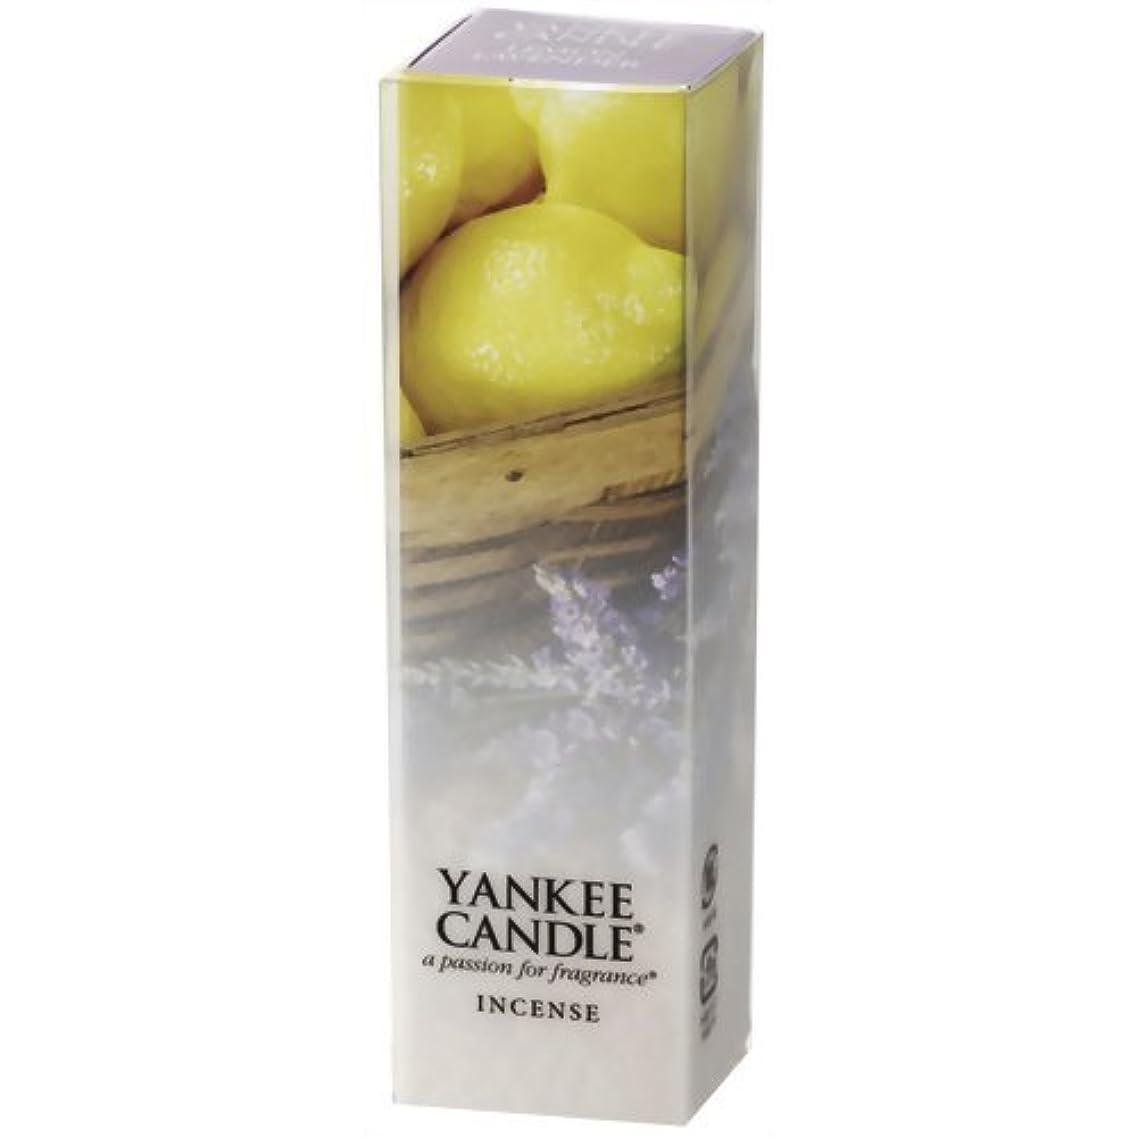 振幅シリーズ区別YANKEE CANDLE(ヤンキーキャンドル) YCインセンス レモン ラベンダー